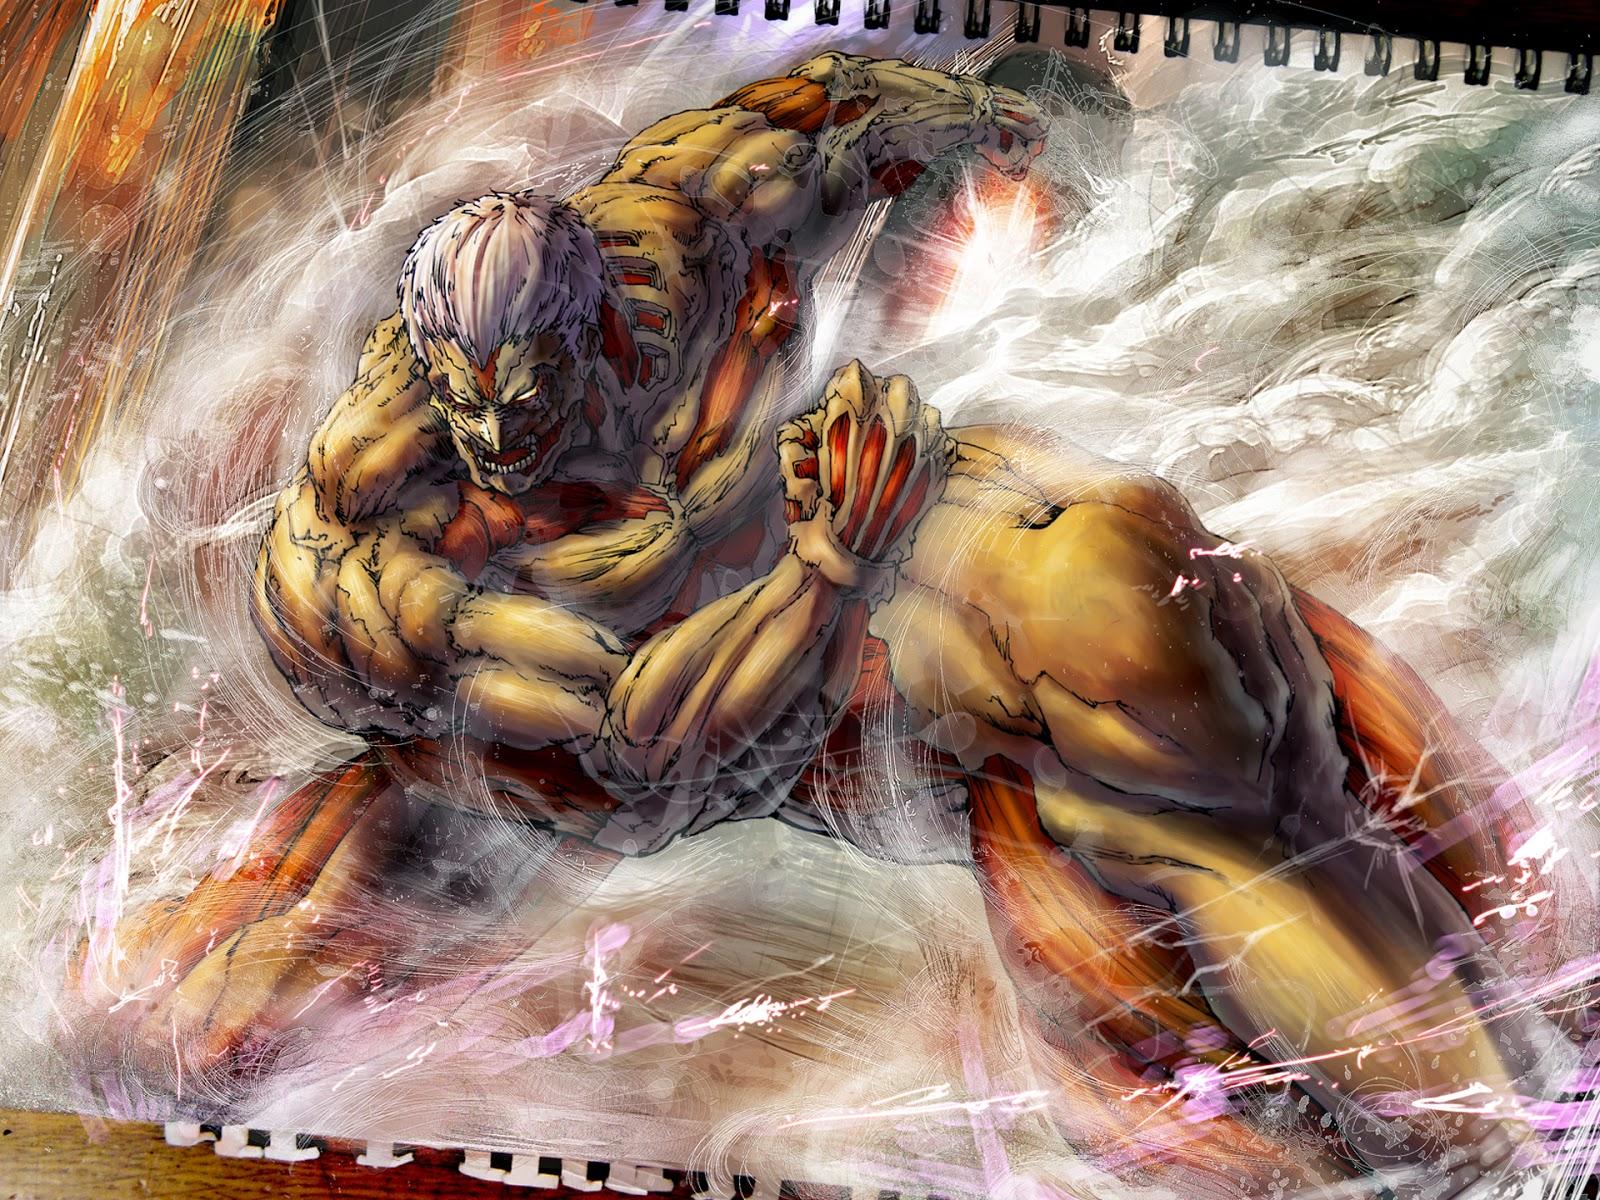 Armored titan gif